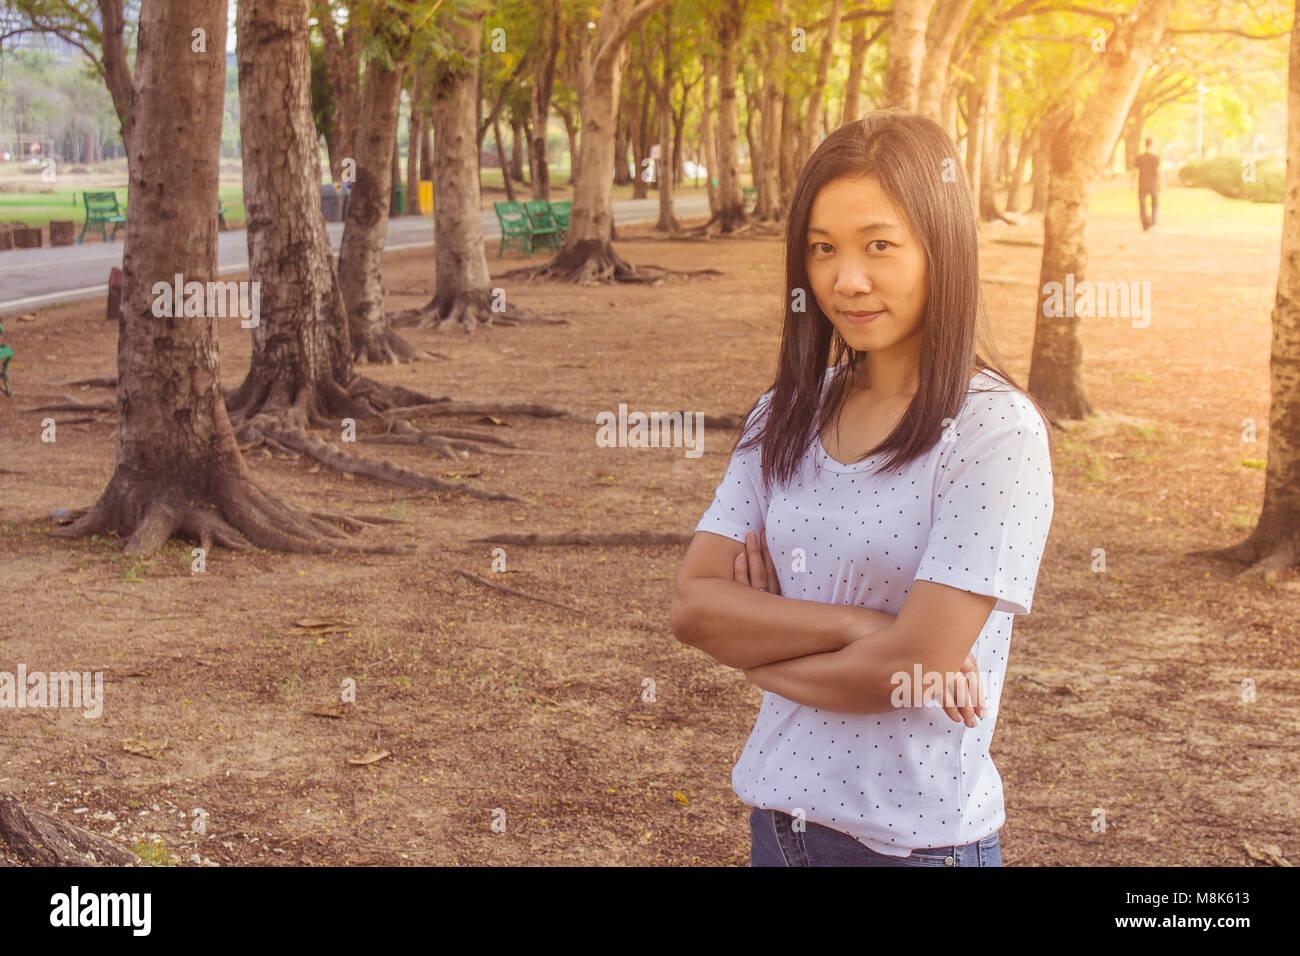 Concepto de vacaciones y días festivos : Mujer vistiendo camiseta blanca. Ella de pie sobre la hierba verde Imagen De Stock